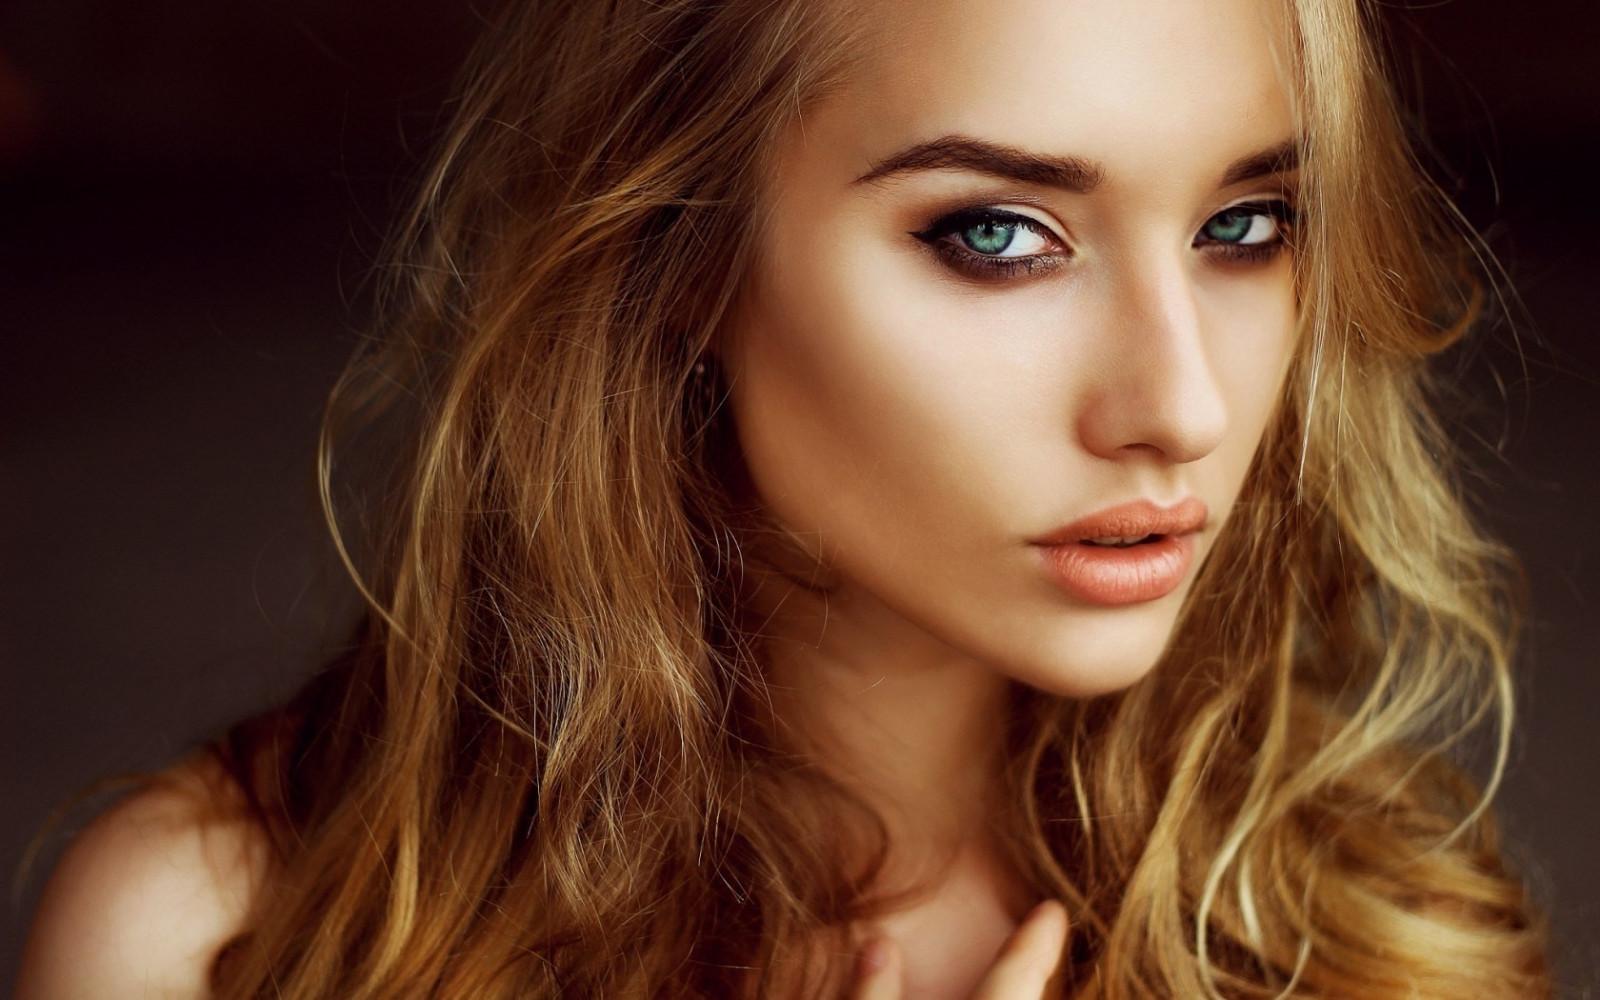 жилет пригодится, русые волосы и зеленые глаза фото густое липкое сладкое